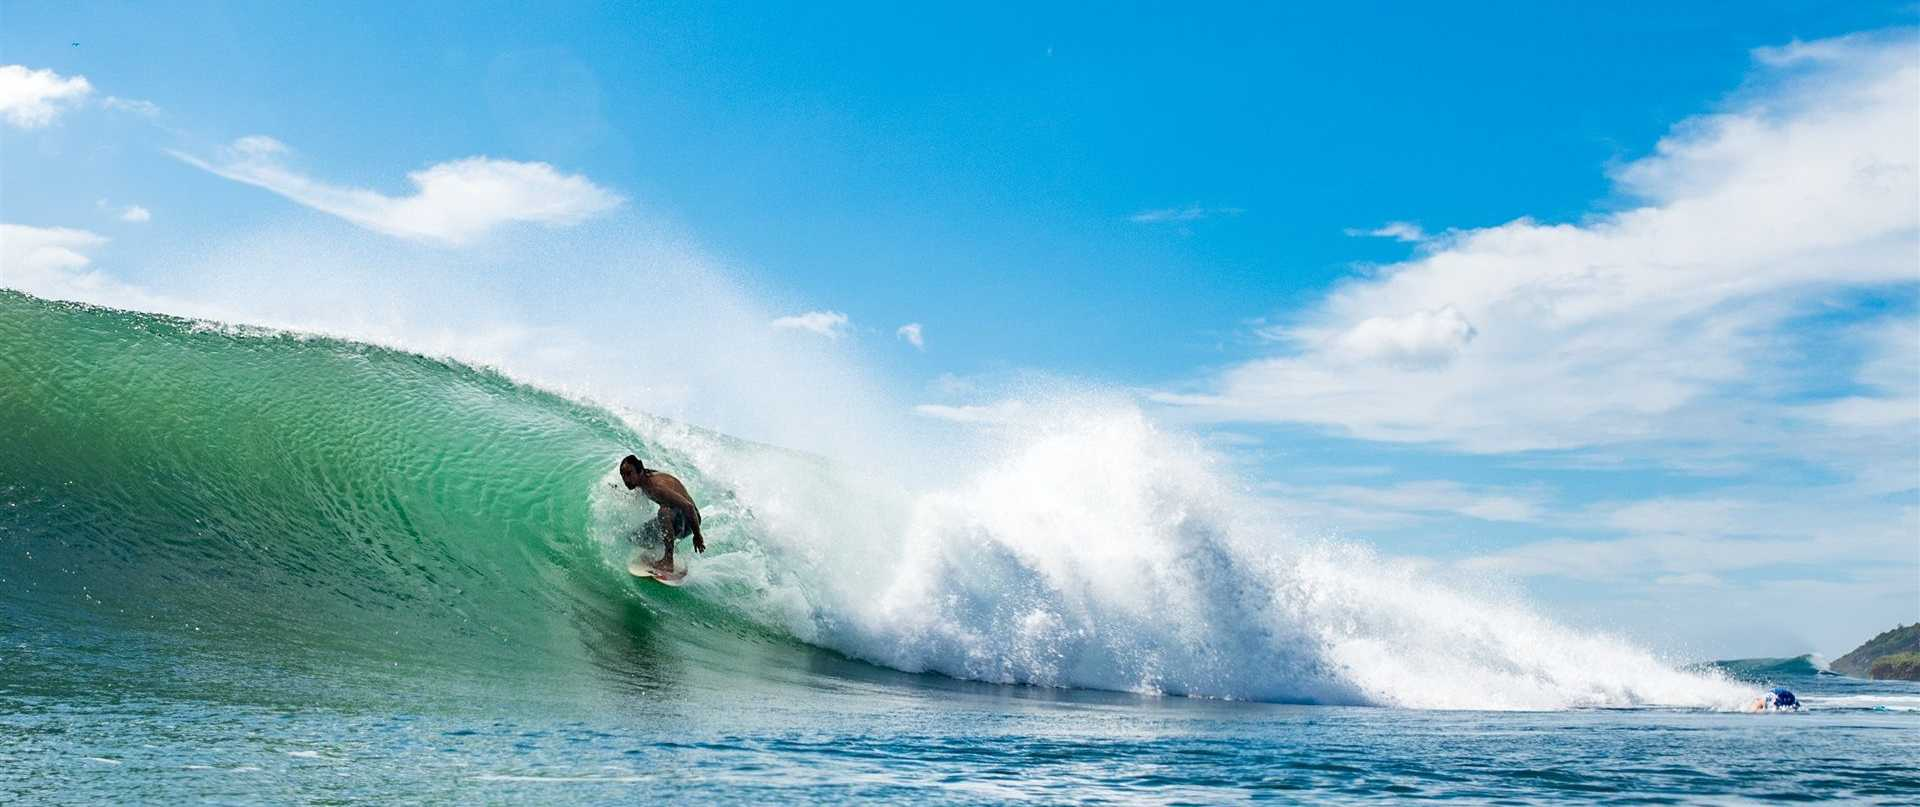 NicaraguaSurfing